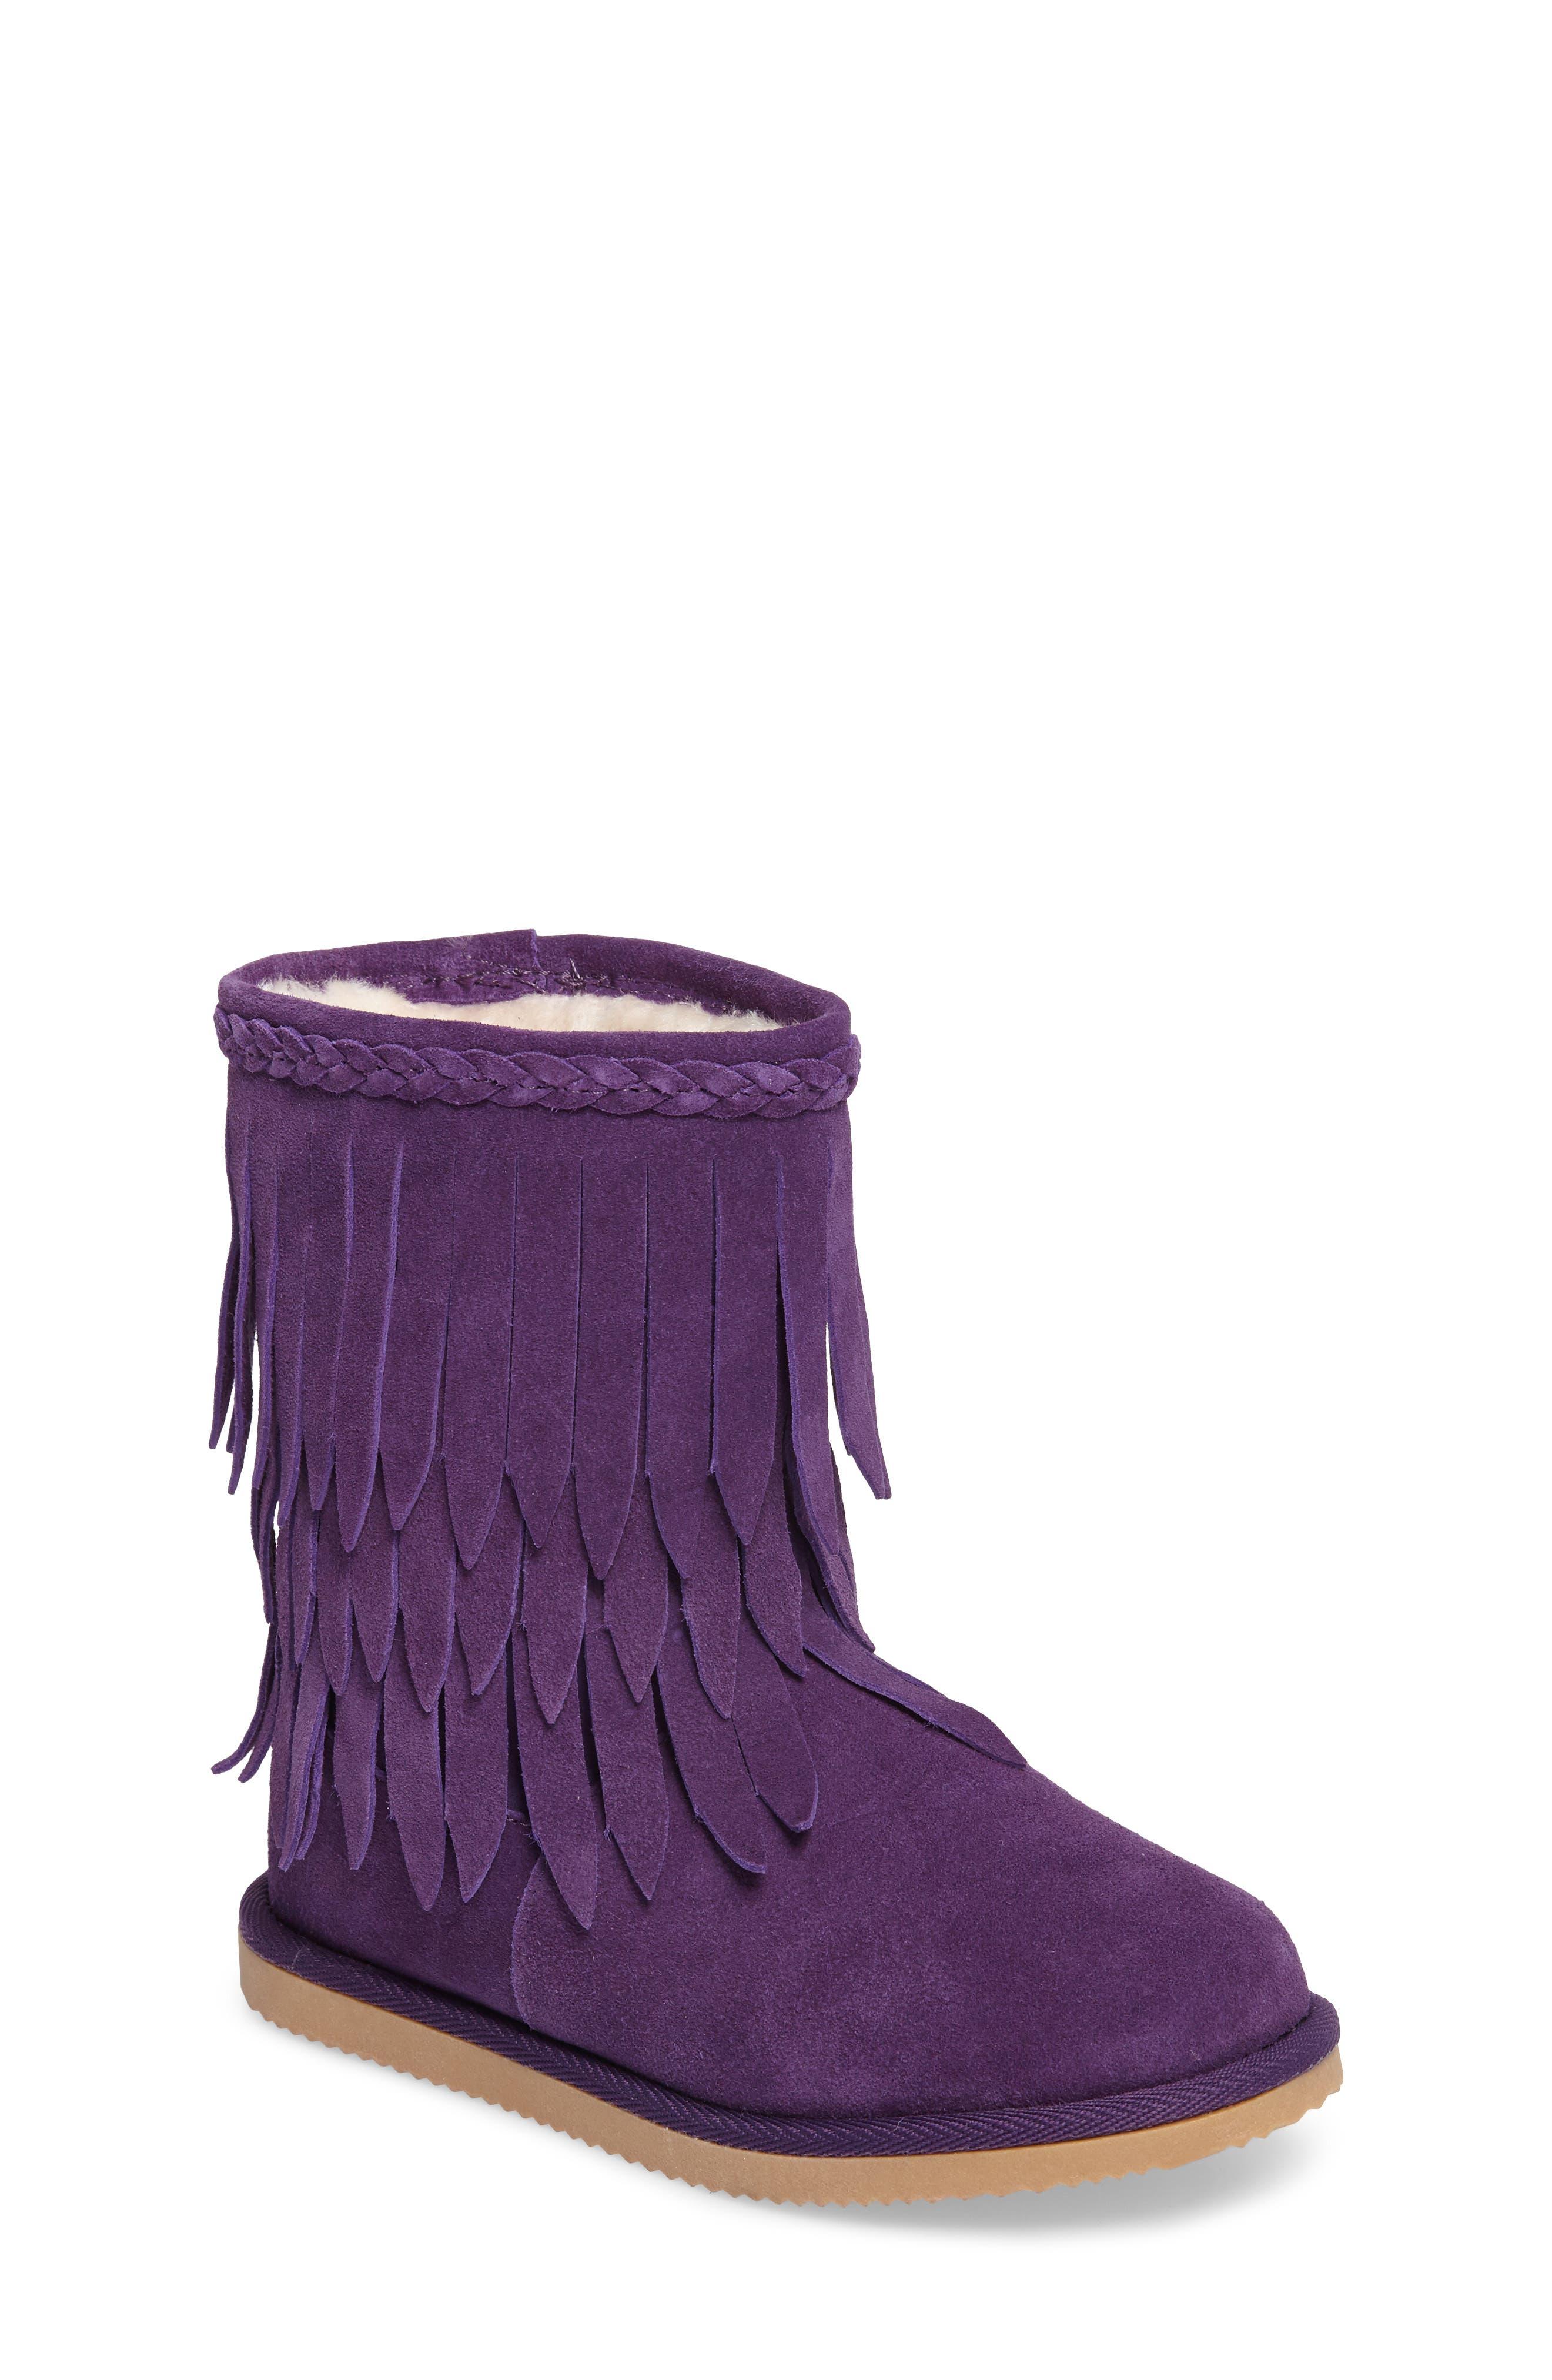 Elissa Faux Fur Fringed Bootie,                             Main thumbnail 1, color,                             Purple Suede